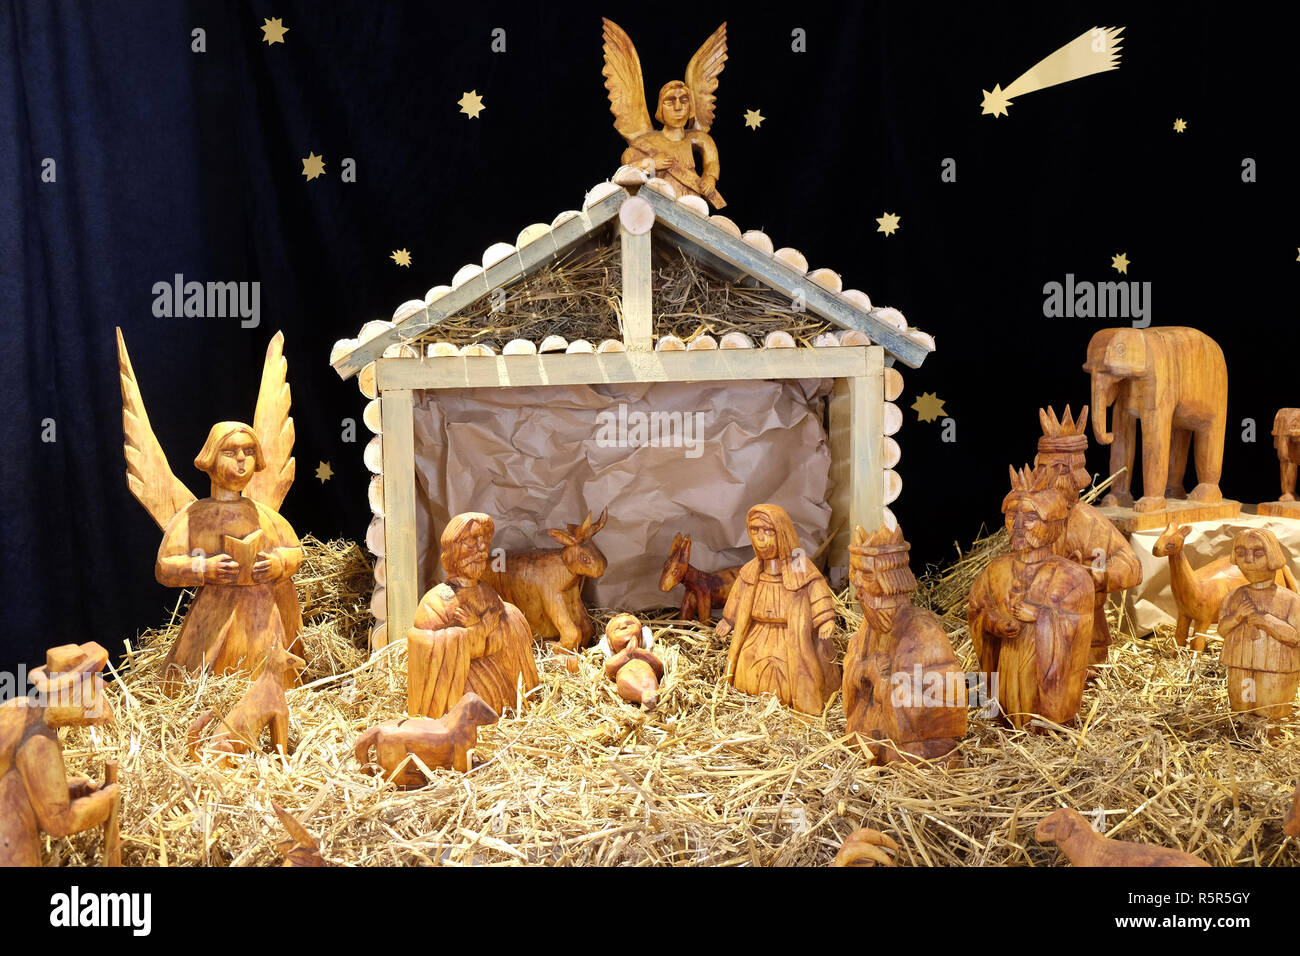 Nativity scene, exhibition of mangers in the gallery Klovicevi dvori in Zagreb, Croatia Stock Photo